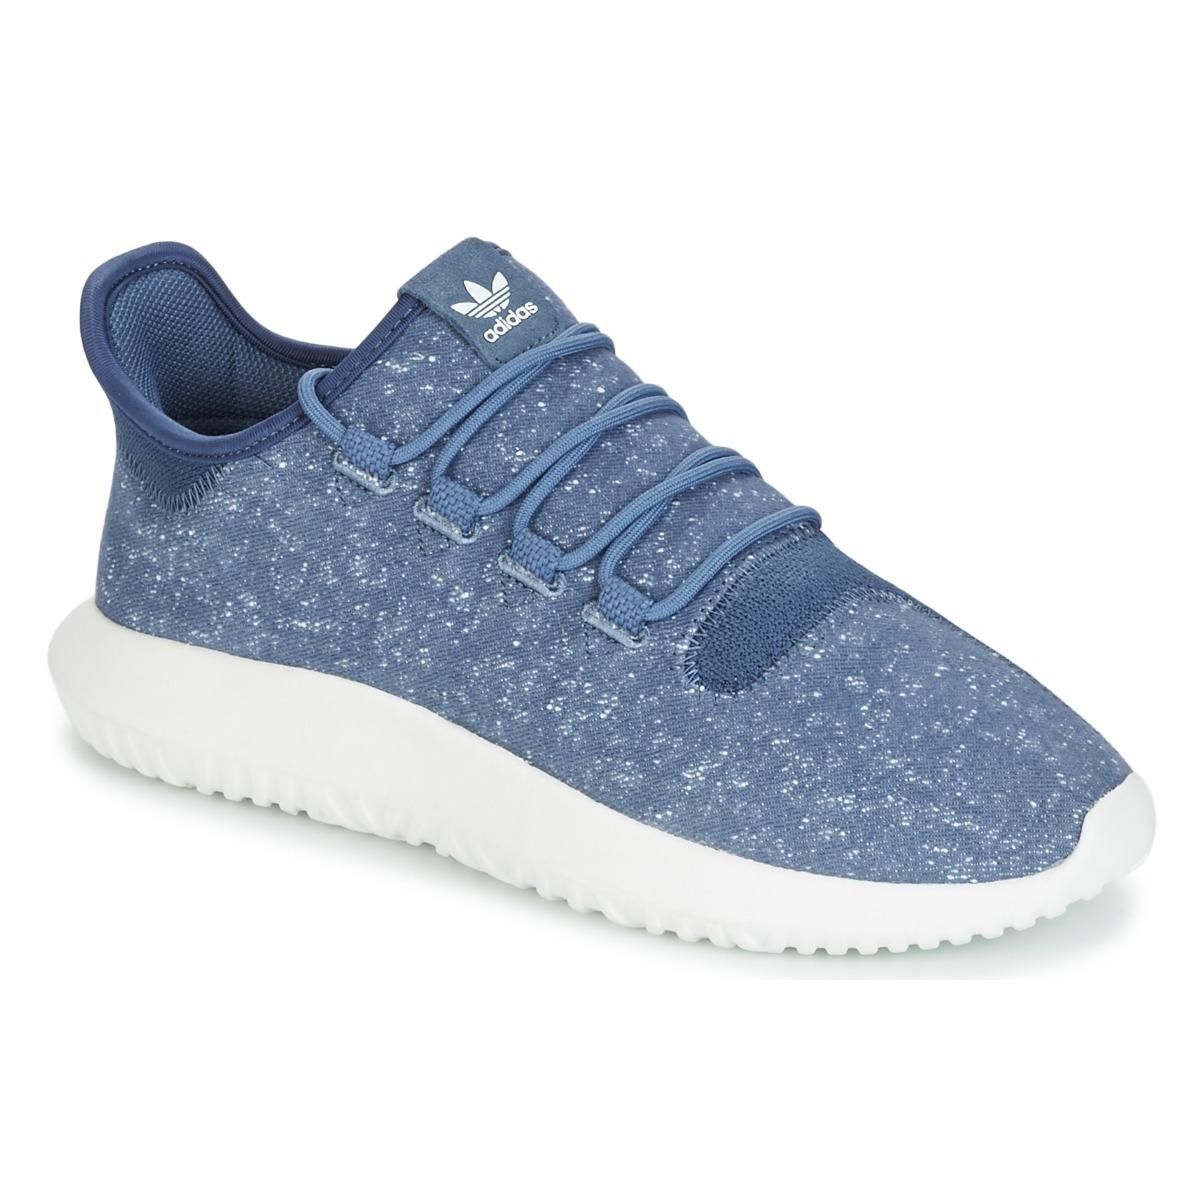 adidas Originals TUBULAR SHADOW Blau - Kostenloser Versand bei Spartoode ! - Schuhe Sneaker Low Herren 70,00 €